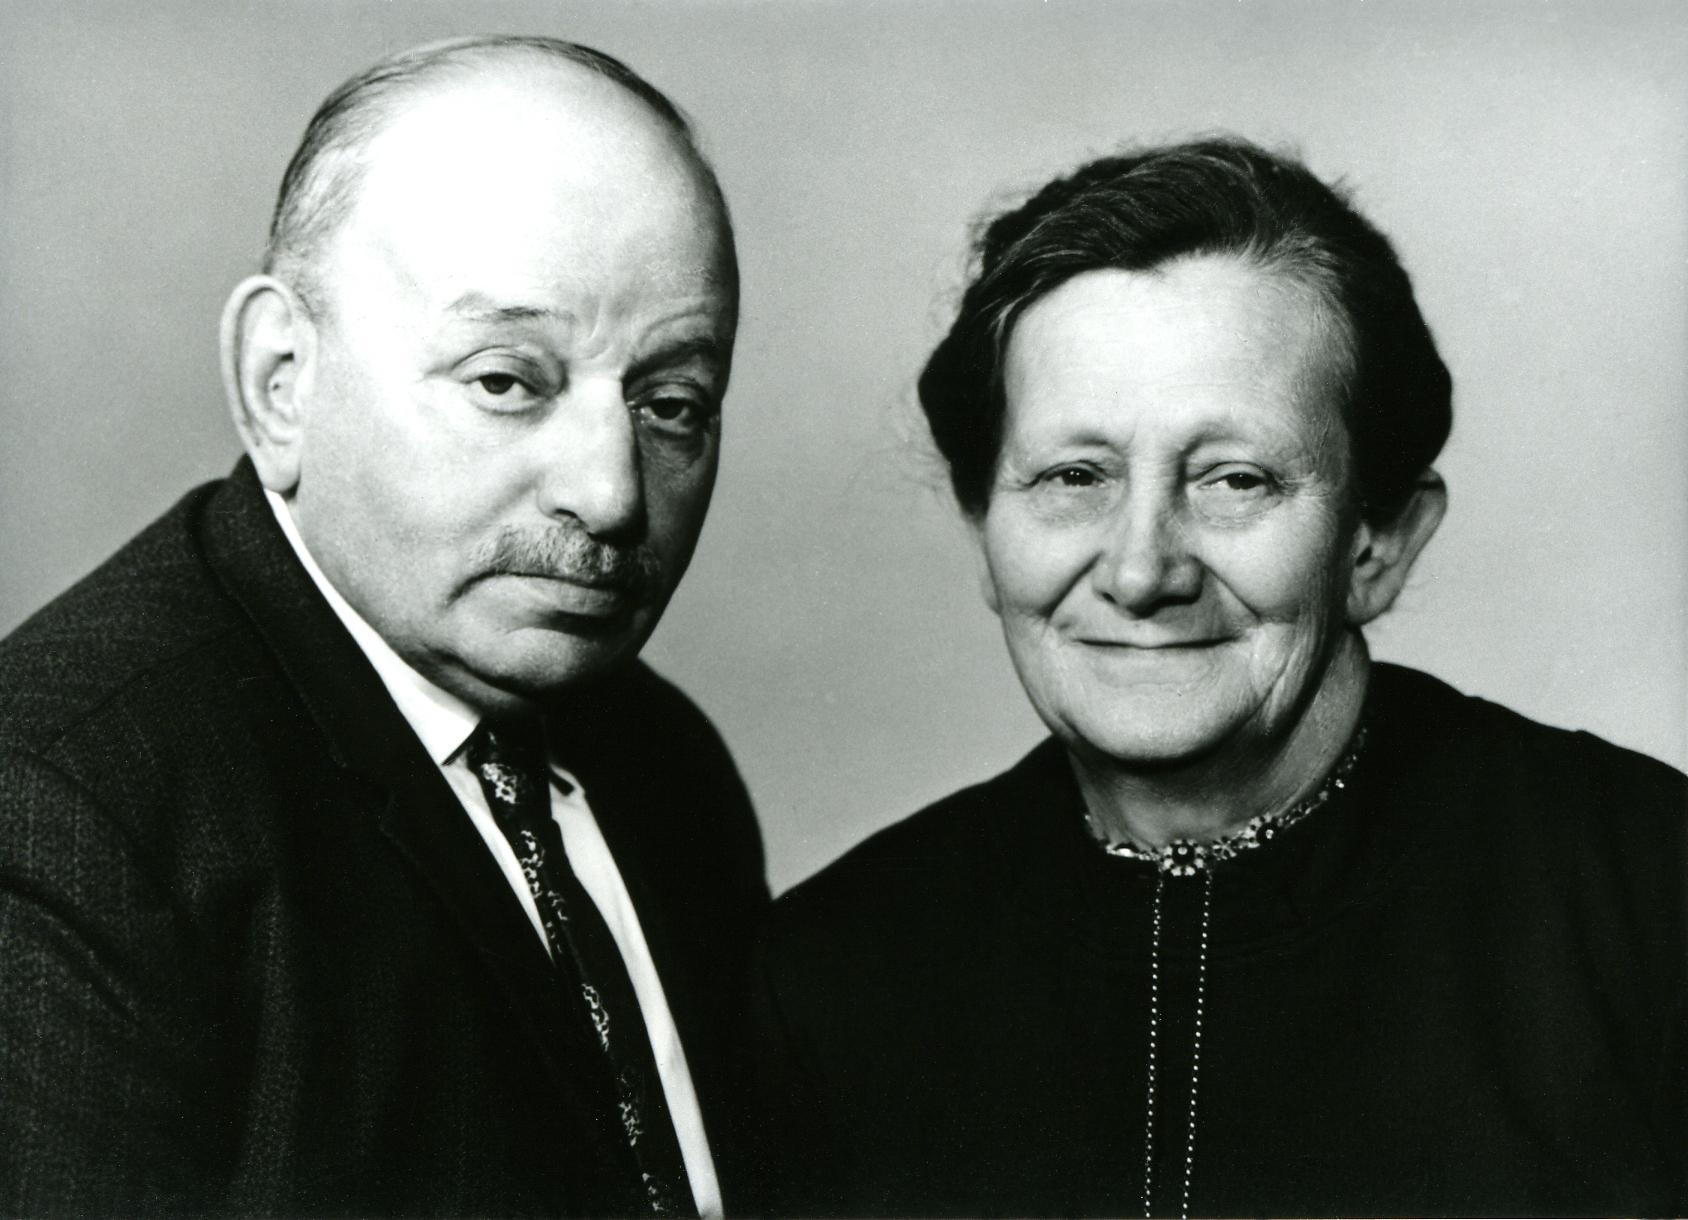 Meine van der Sluis & Zwaantje de Jong